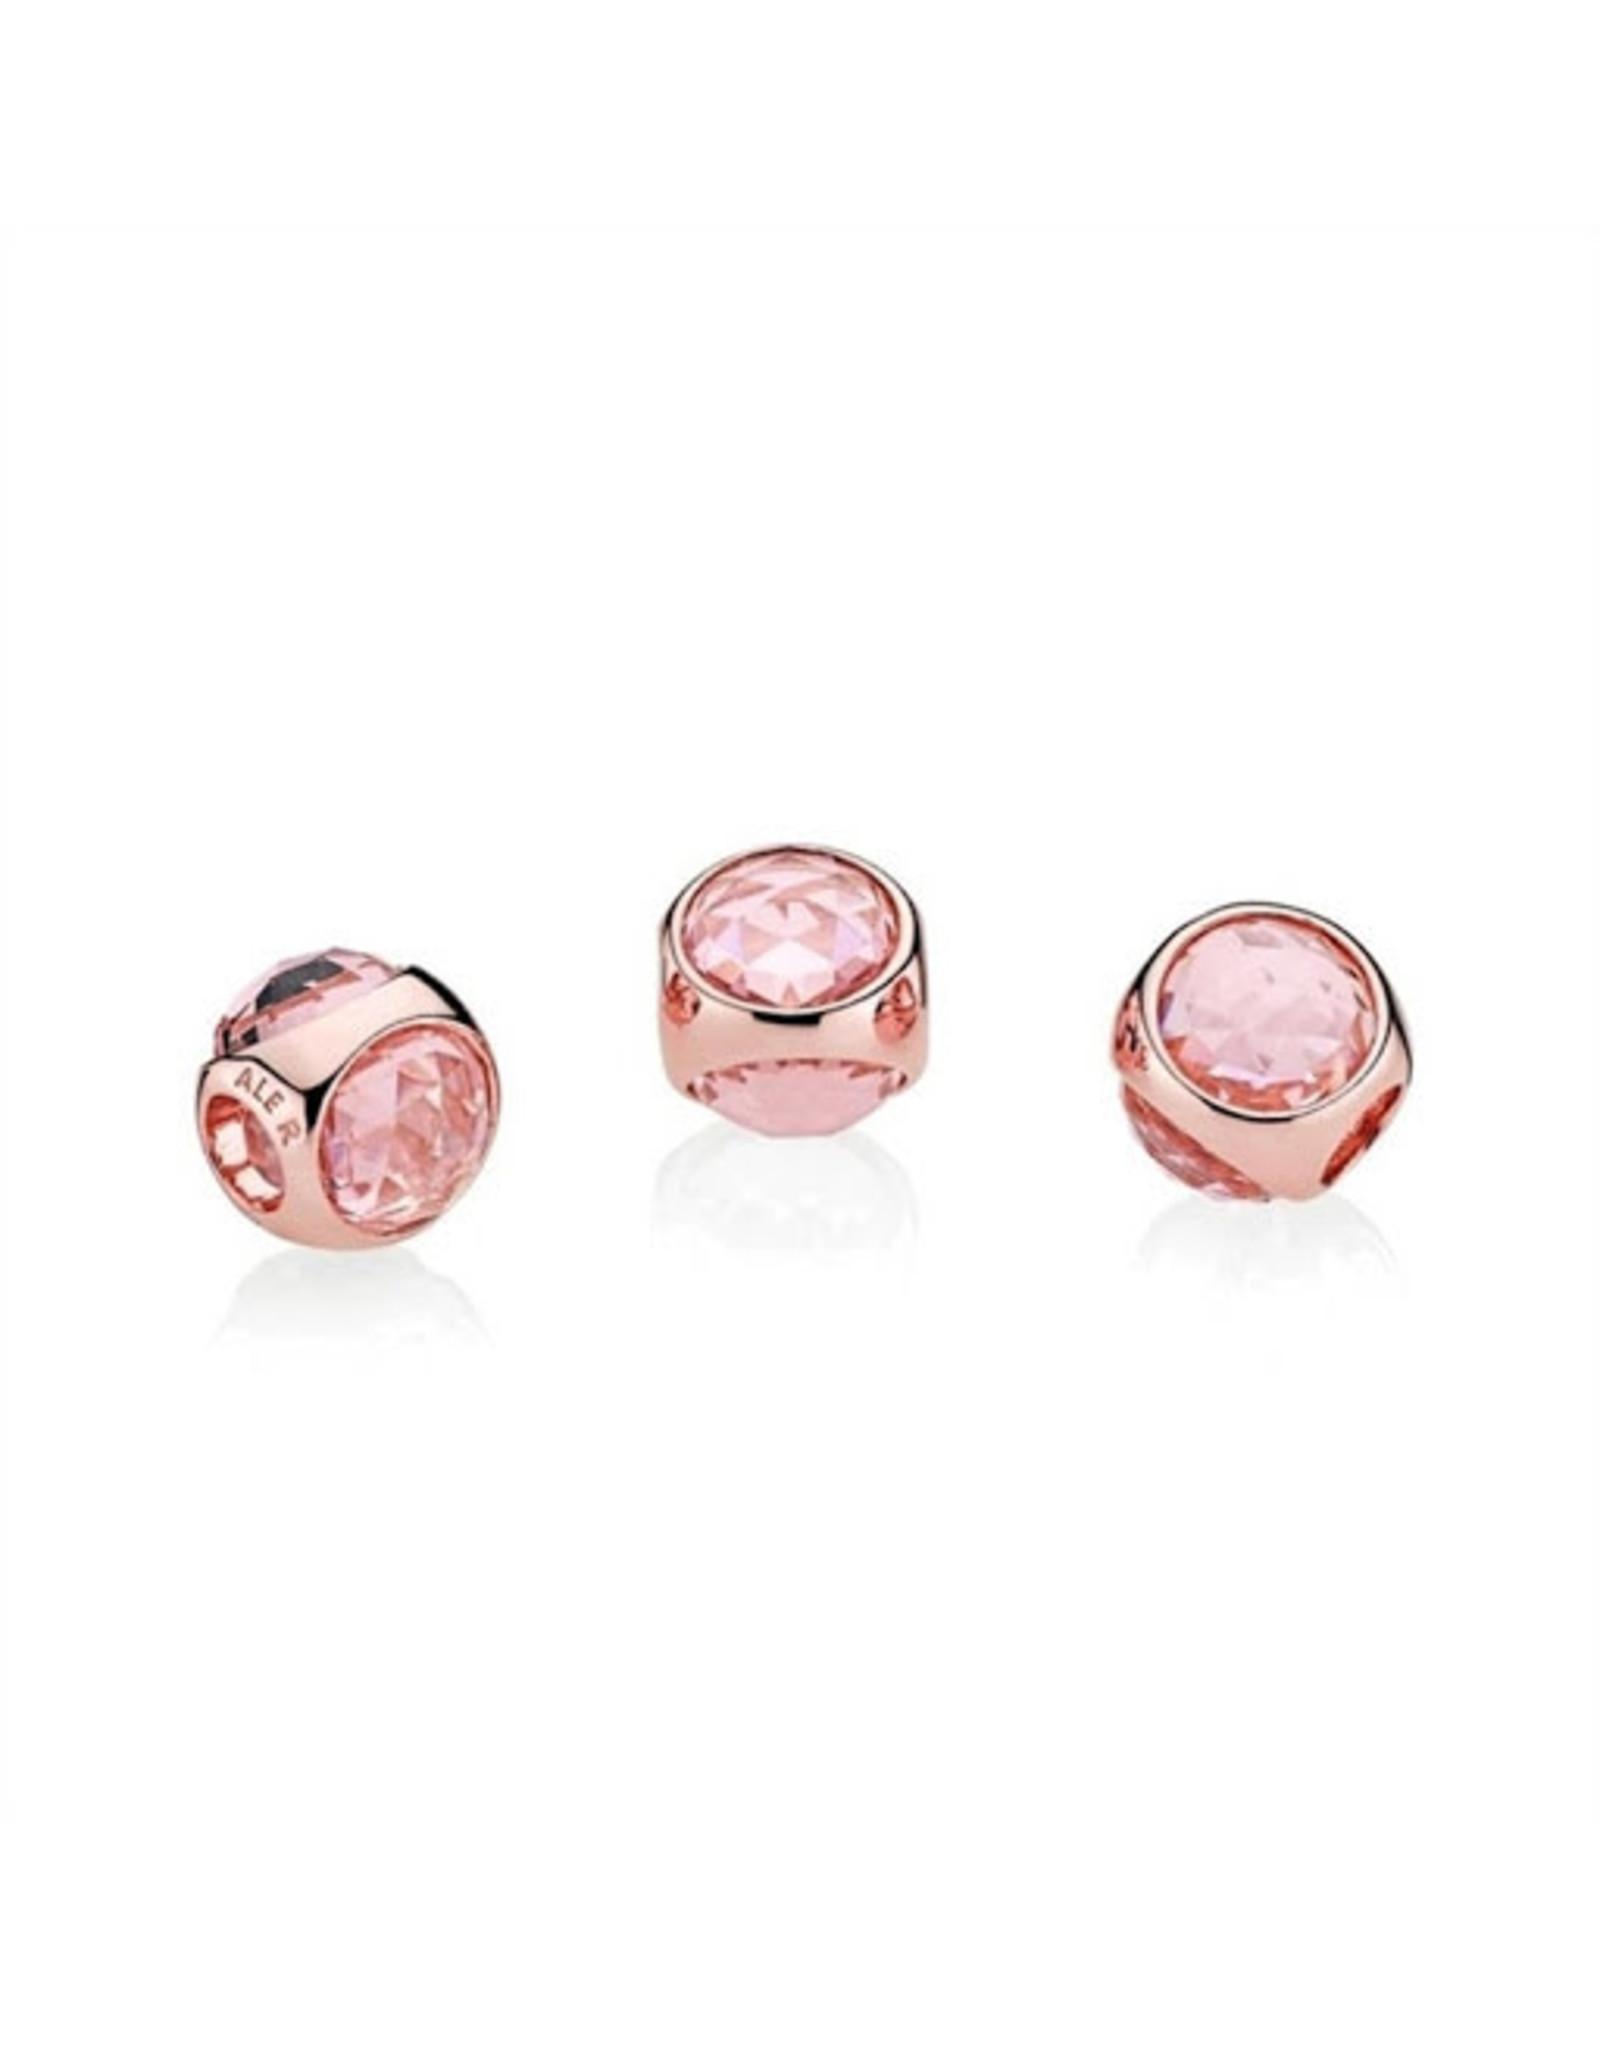 Pandora Pandora Charm Radiant Droplet,Pink Mist Crystals